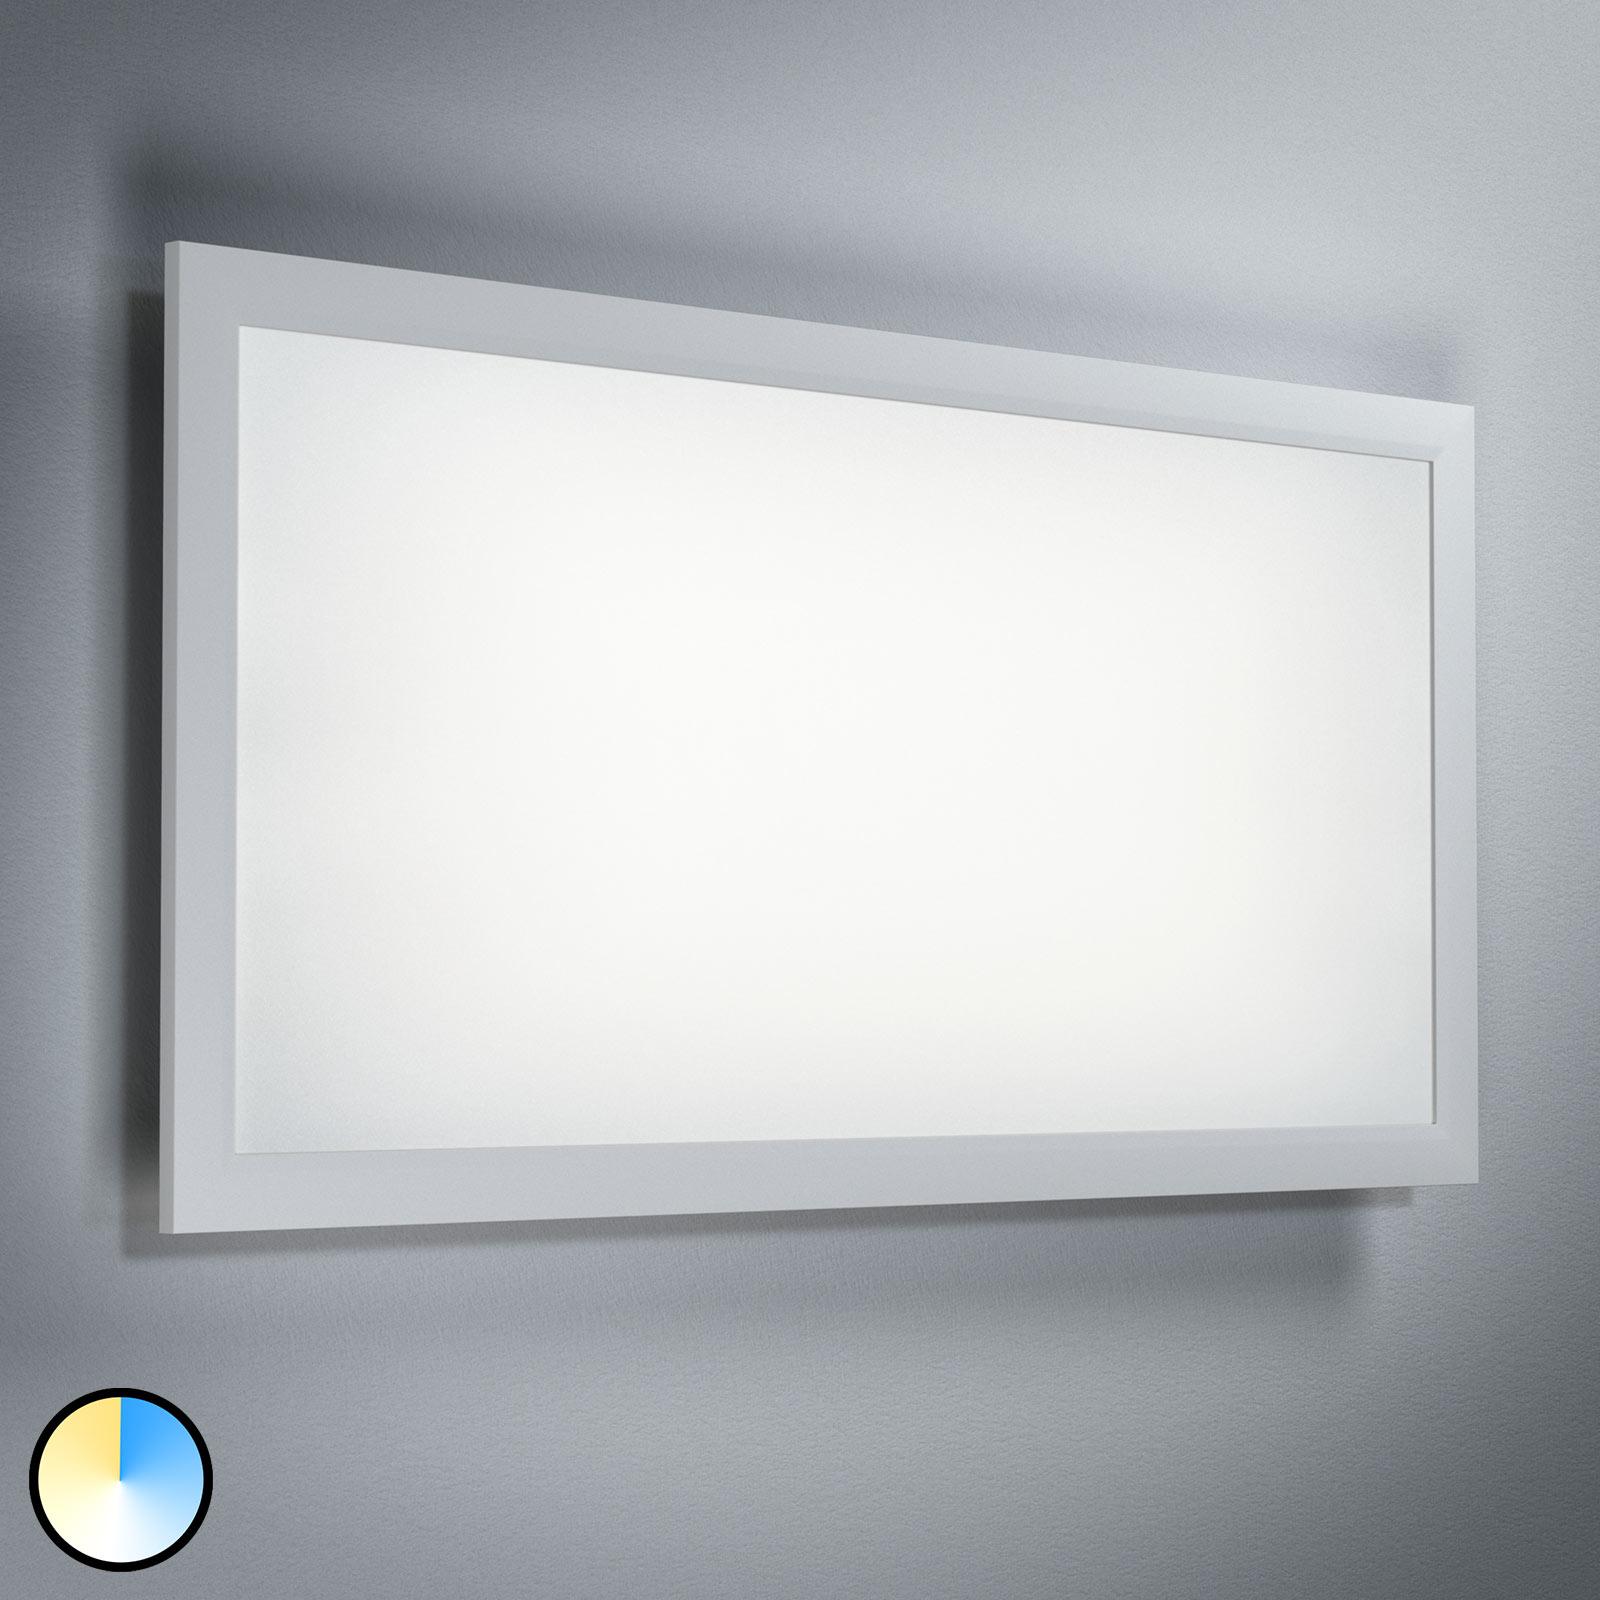 LEDVANCE SMART+ ZigBee Panel Tunable White 60x30cm